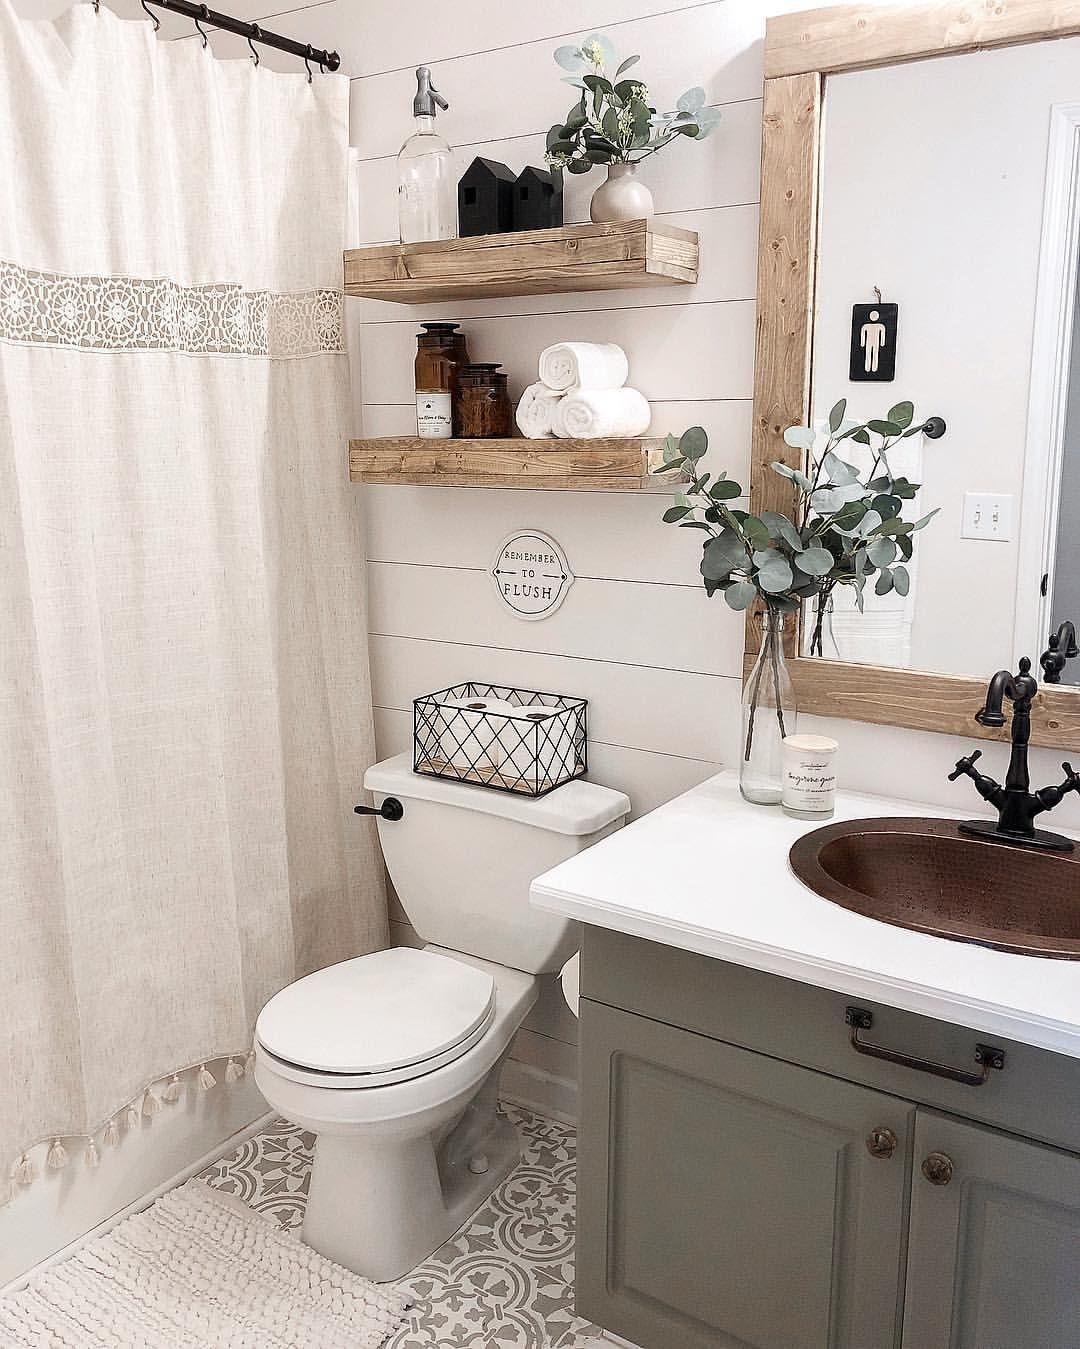 Copper Sink Bathroom Framed Bathroom Mirror Painted Bathroom Vanity Floating Shelves Wood Shel Small Bathroom Decor Small Bathroom Remodel Rustic Bathrooms